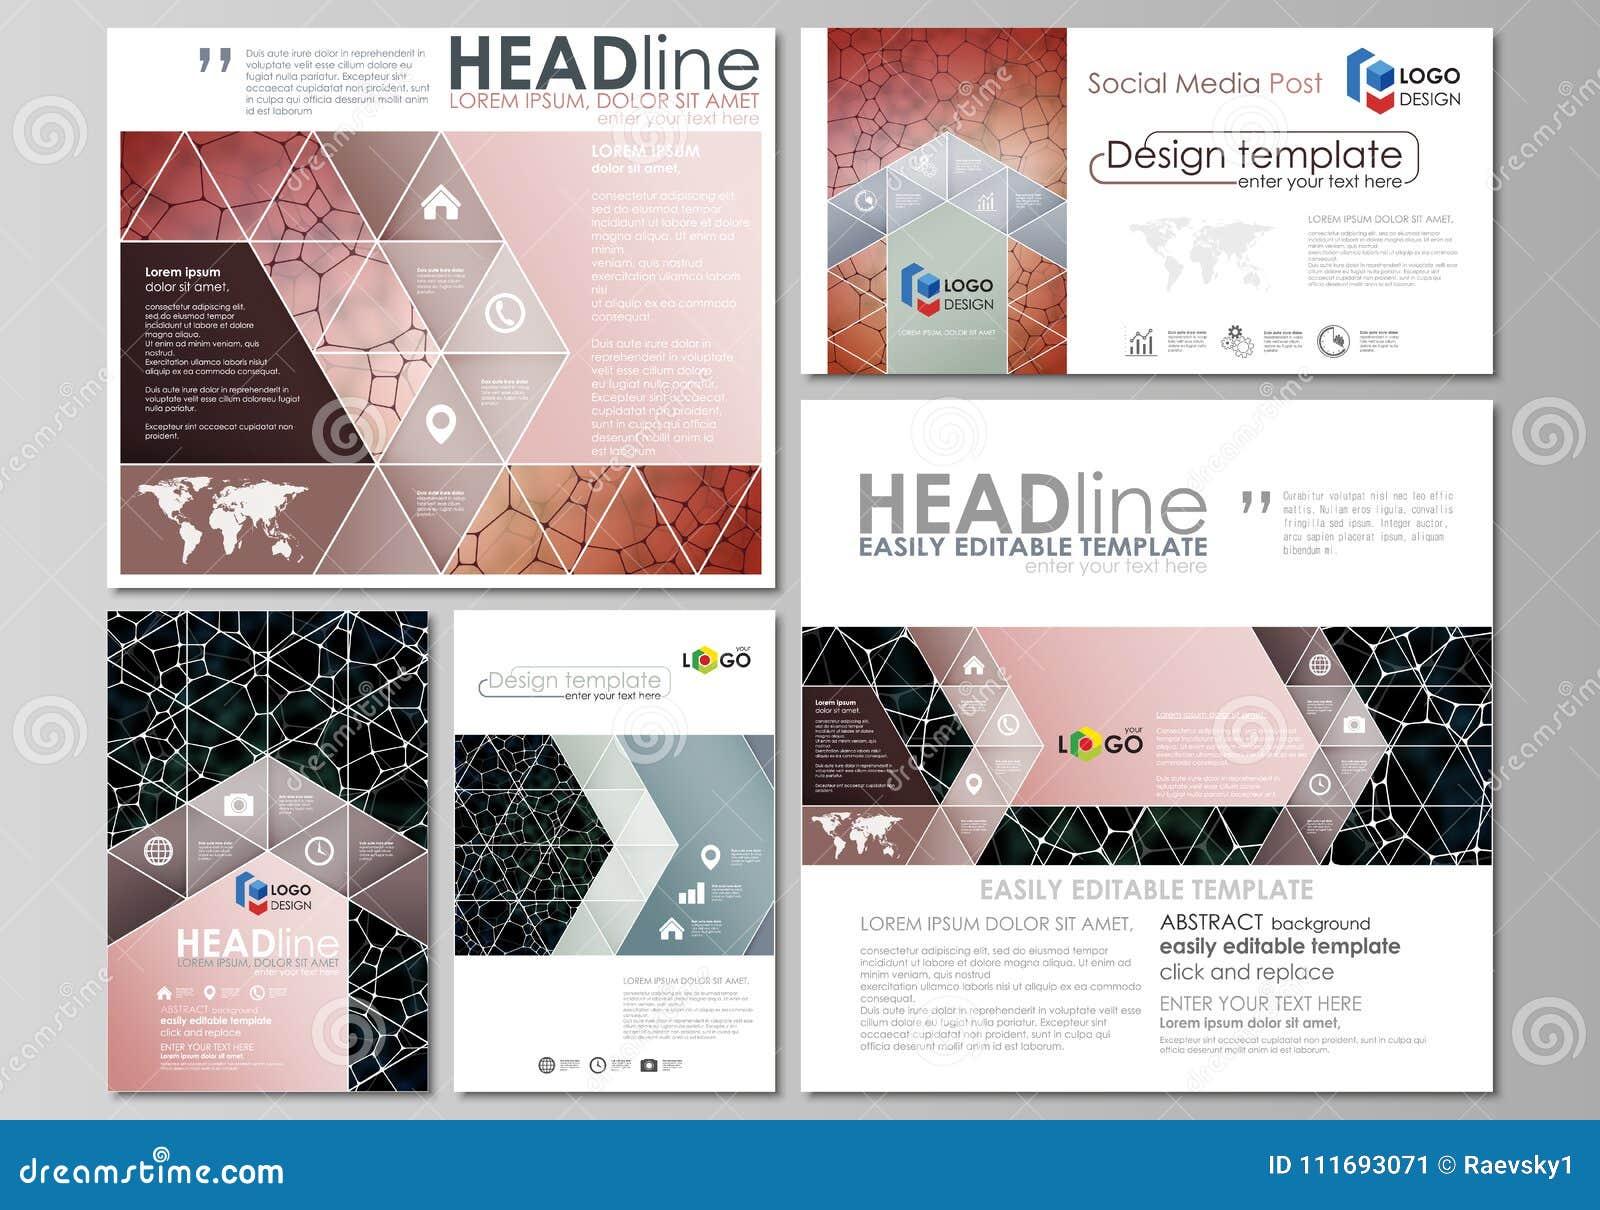 Social media design patterns